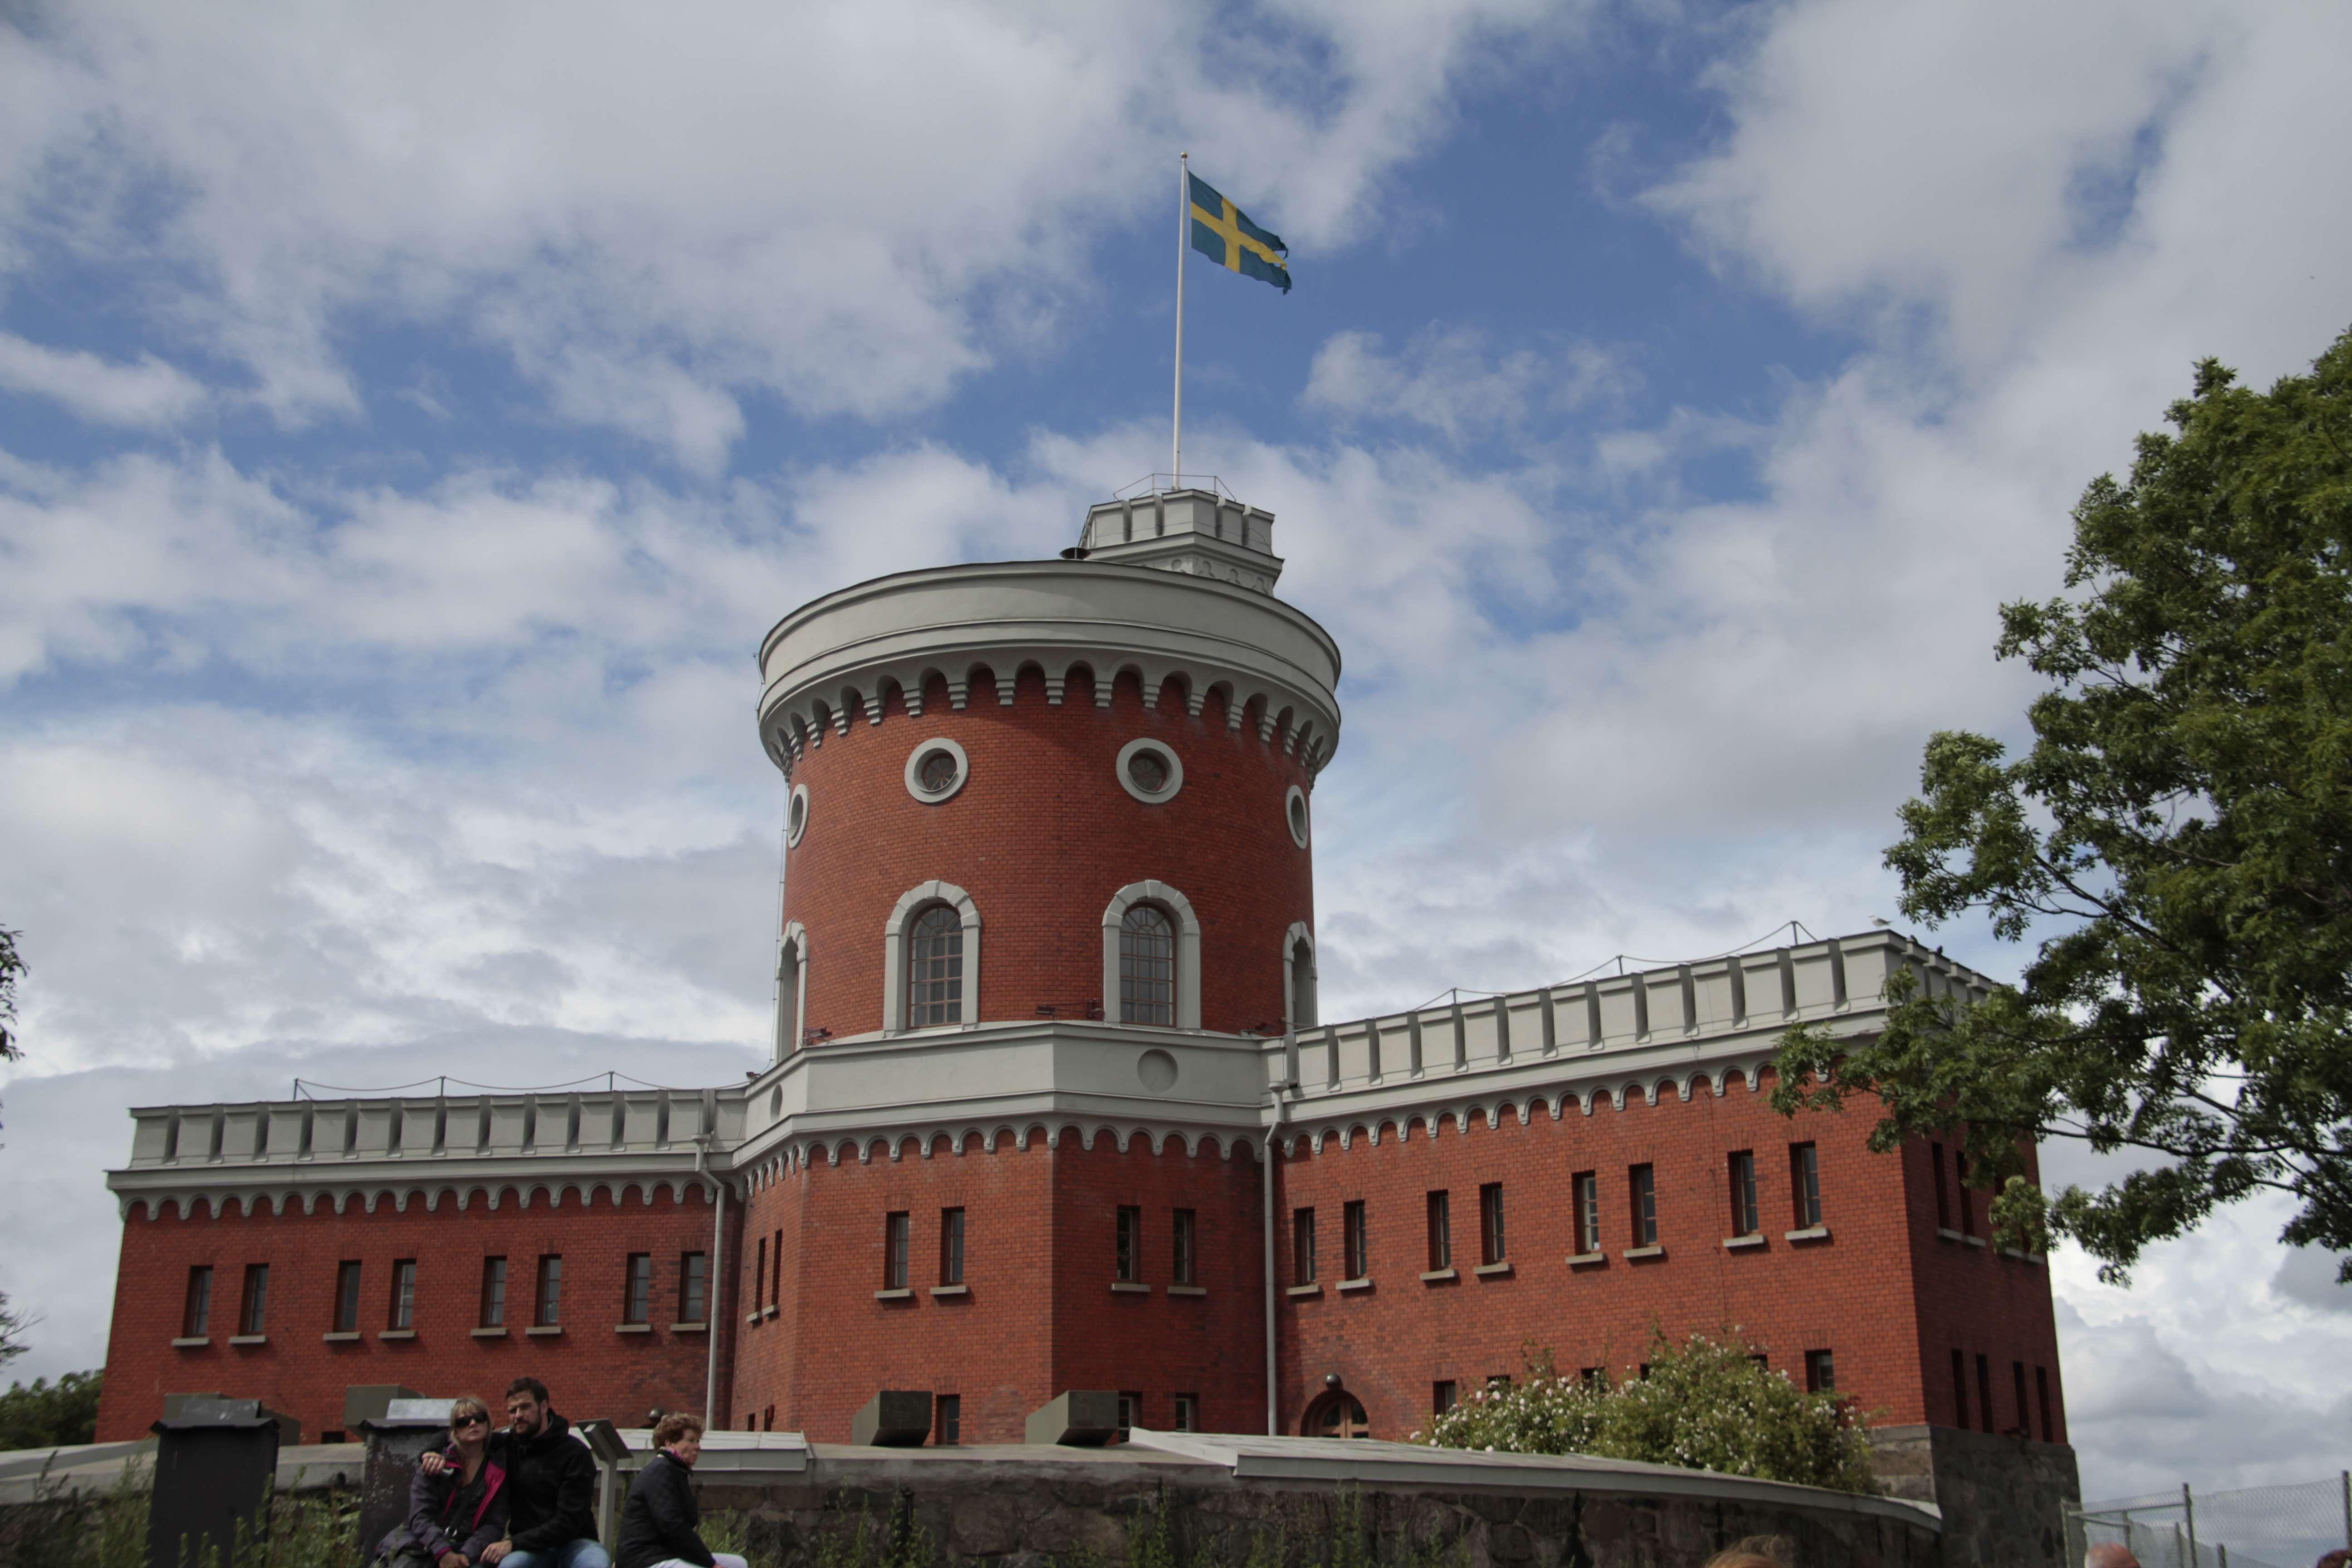 Suede_0081 Stokholm Skeppsholmen